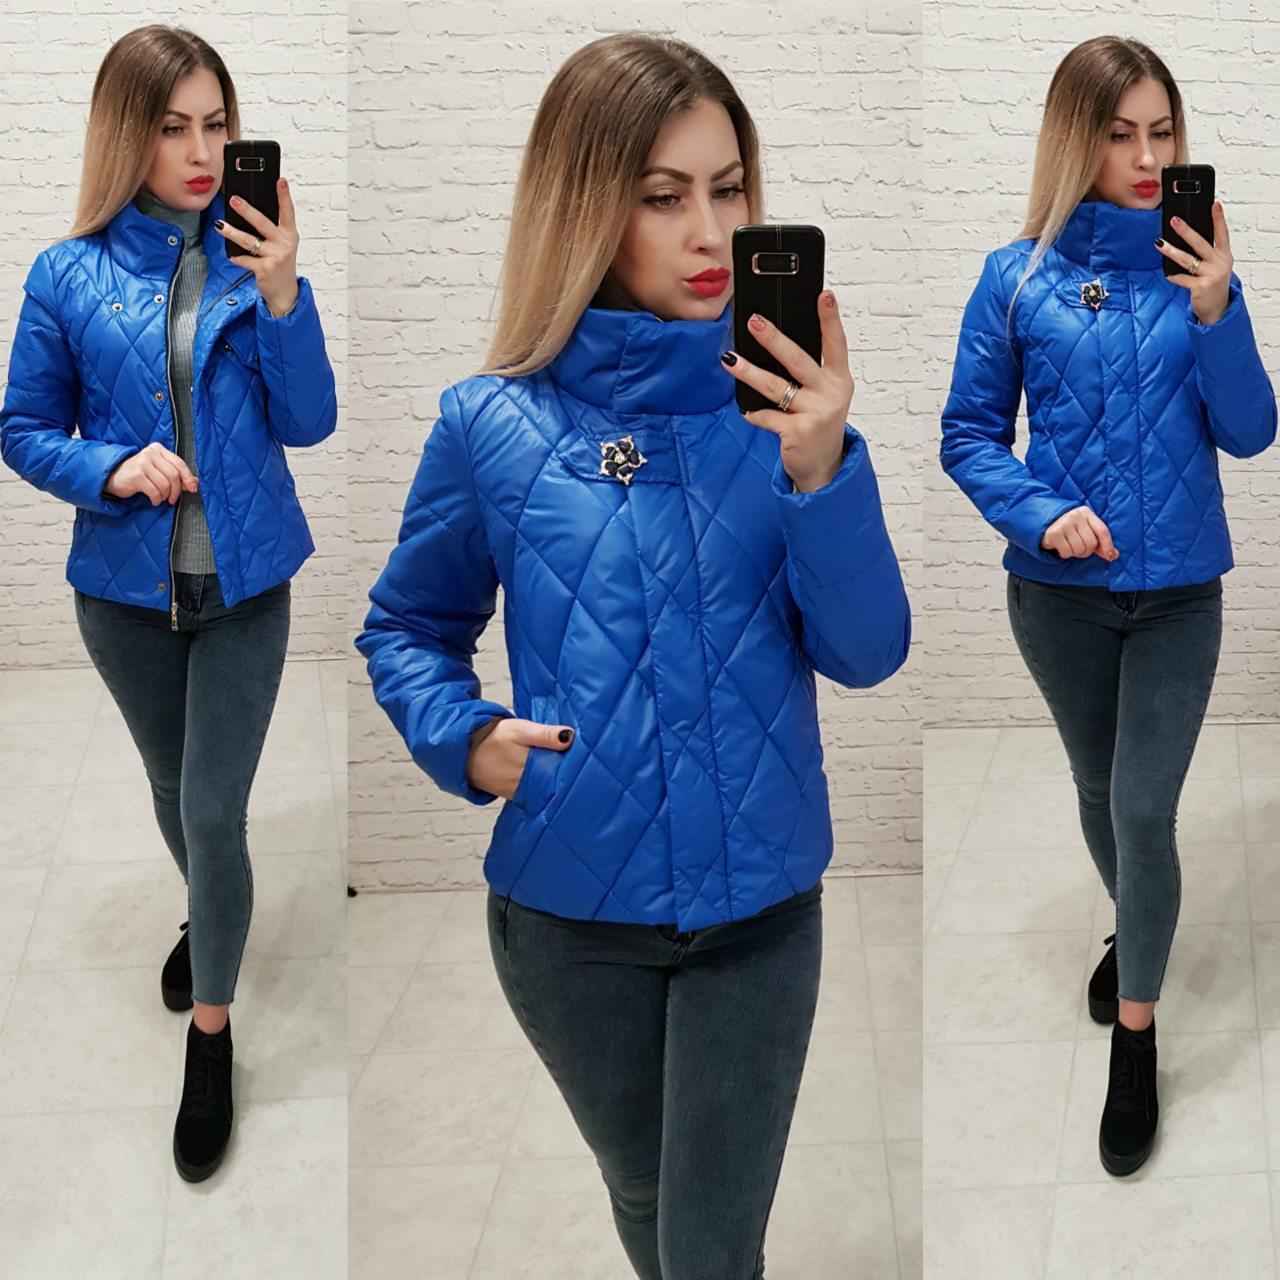 f4bf0e49 Куртка ветровка утепленная арт. 502 электрик / ярко синий - Интернет  магазин женской одежды Khan